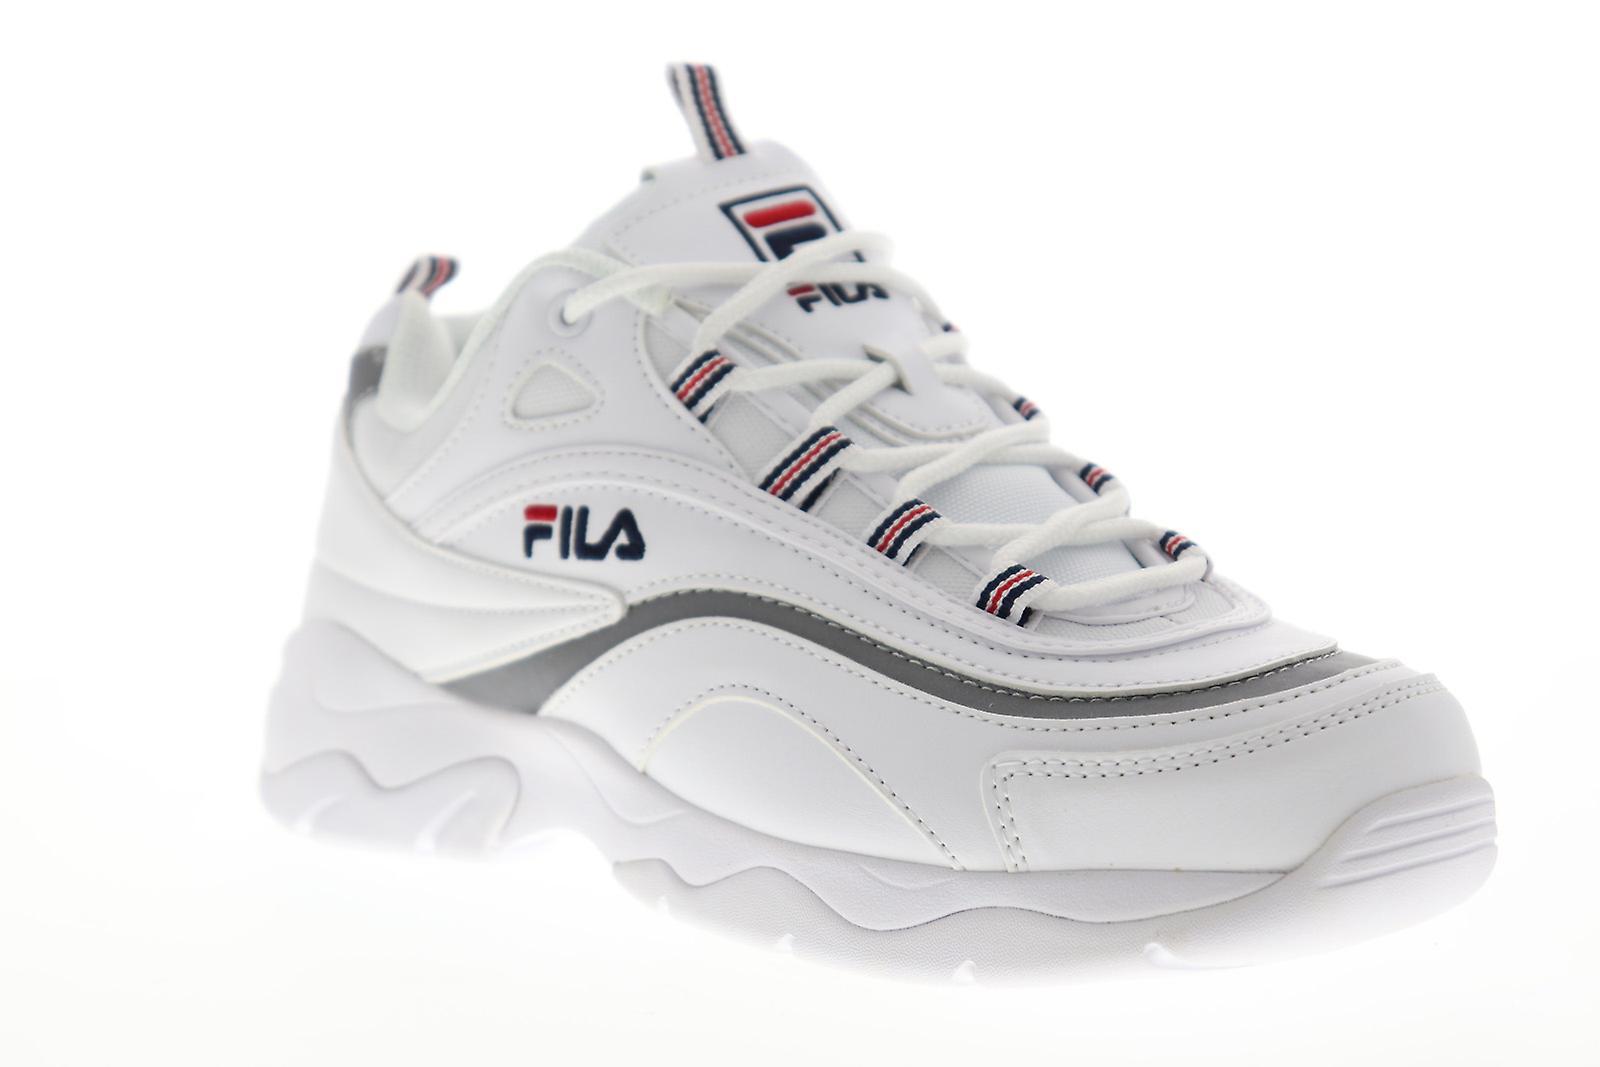 Fila Ray kvinner hvit casual Lace opp lav topp joggesko sko